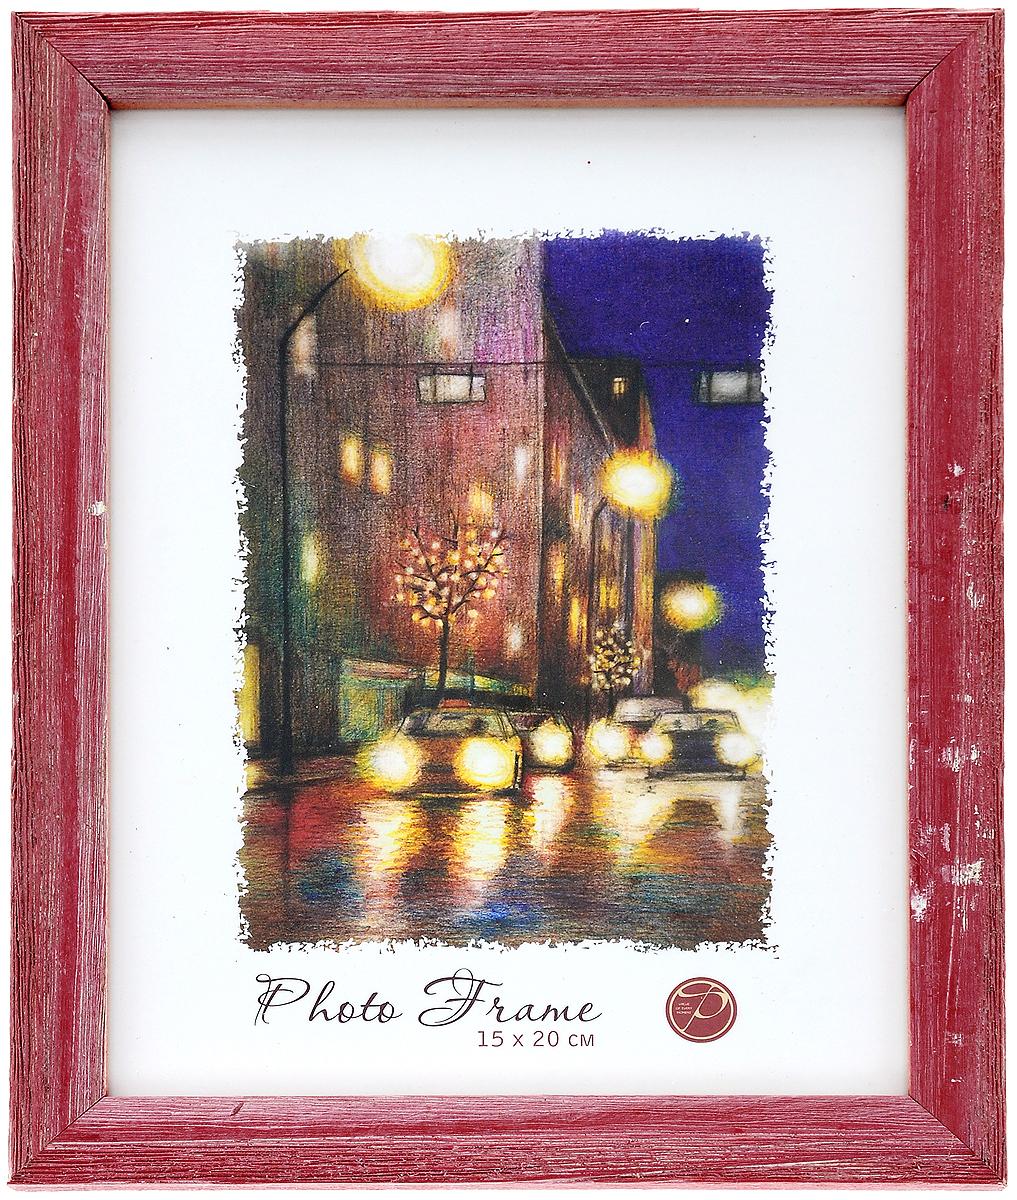 Фоторамка Pioneer Adele, цвет: красный, 15 x 20 см9589101_красныйФоторамка Pioneer Adele, выполненная из дерева, предназначена для фотографии размером 15 х 20 см. Стекло защищает фотографию. Задняя сторона рамки оснащена специальной ножкой, благодаря которой ее можно поставить на стол или любое другое место в доме или офисе. Также изделие имеет крепления для подвешивания на стену. Такая фоторамка поможет вам оригинально и стильно дополнить интерьер помещения, а также позволит сохранить память о дорогих вам людях и интересных событиях вашей жизни. Размер фоторамки: 22,2 х 17,2 см.